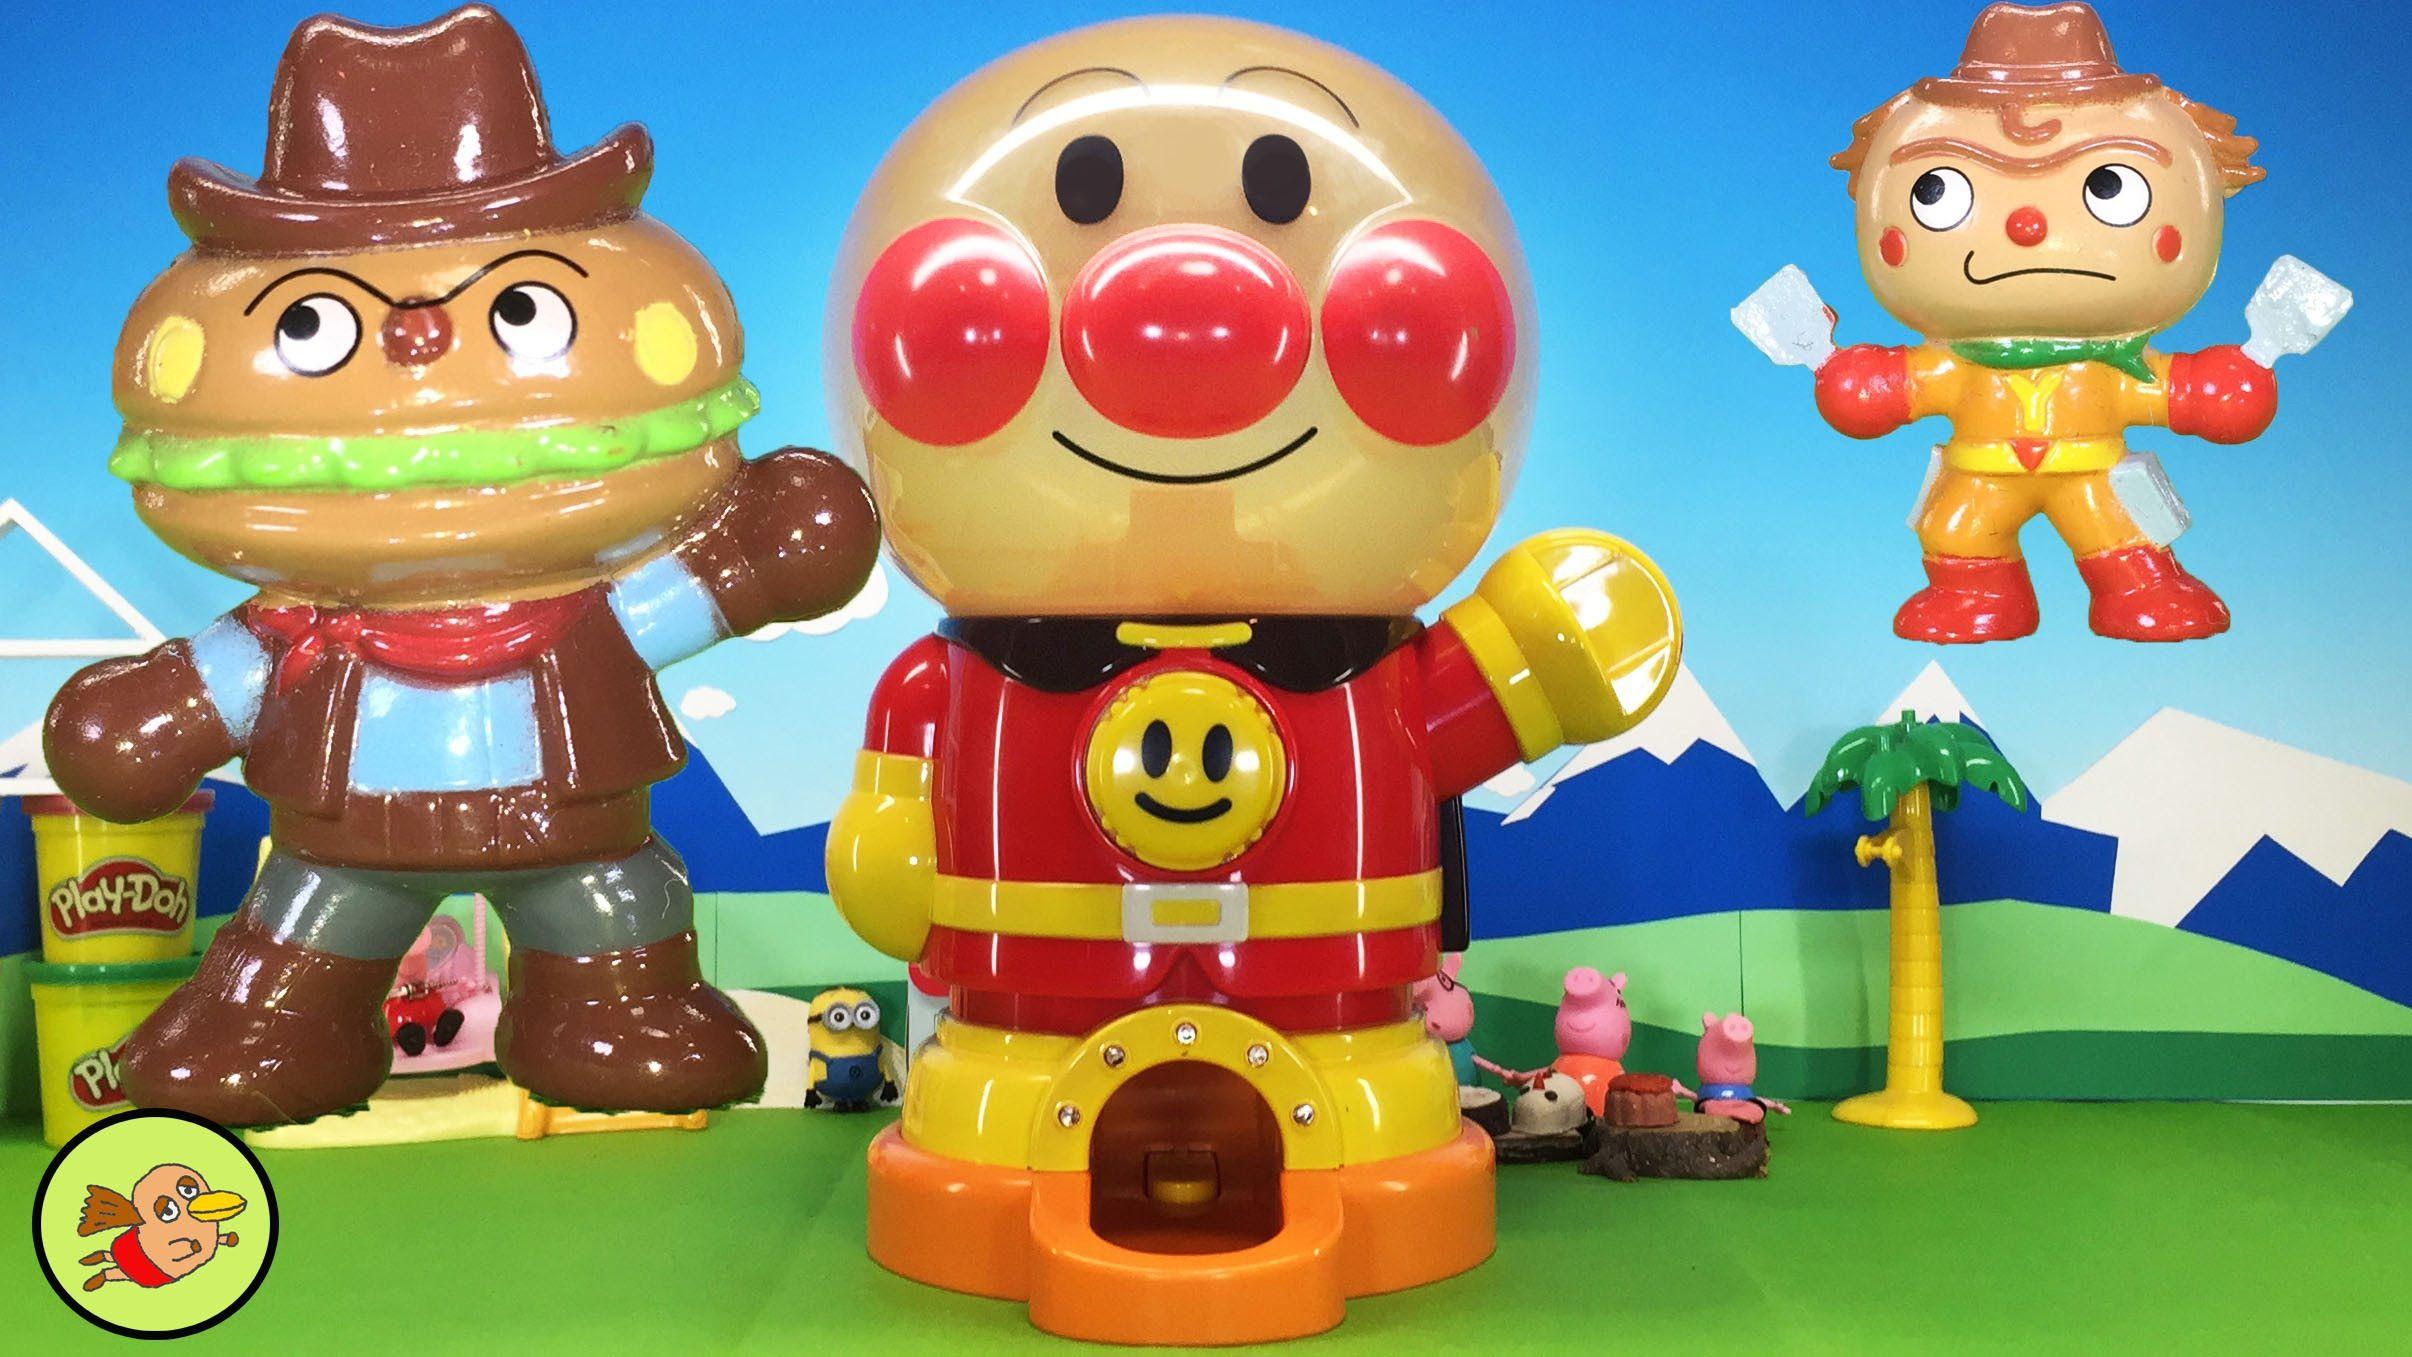 アンパンマン アニメ おもちゃ アンパンマンわくわくガチャころりん